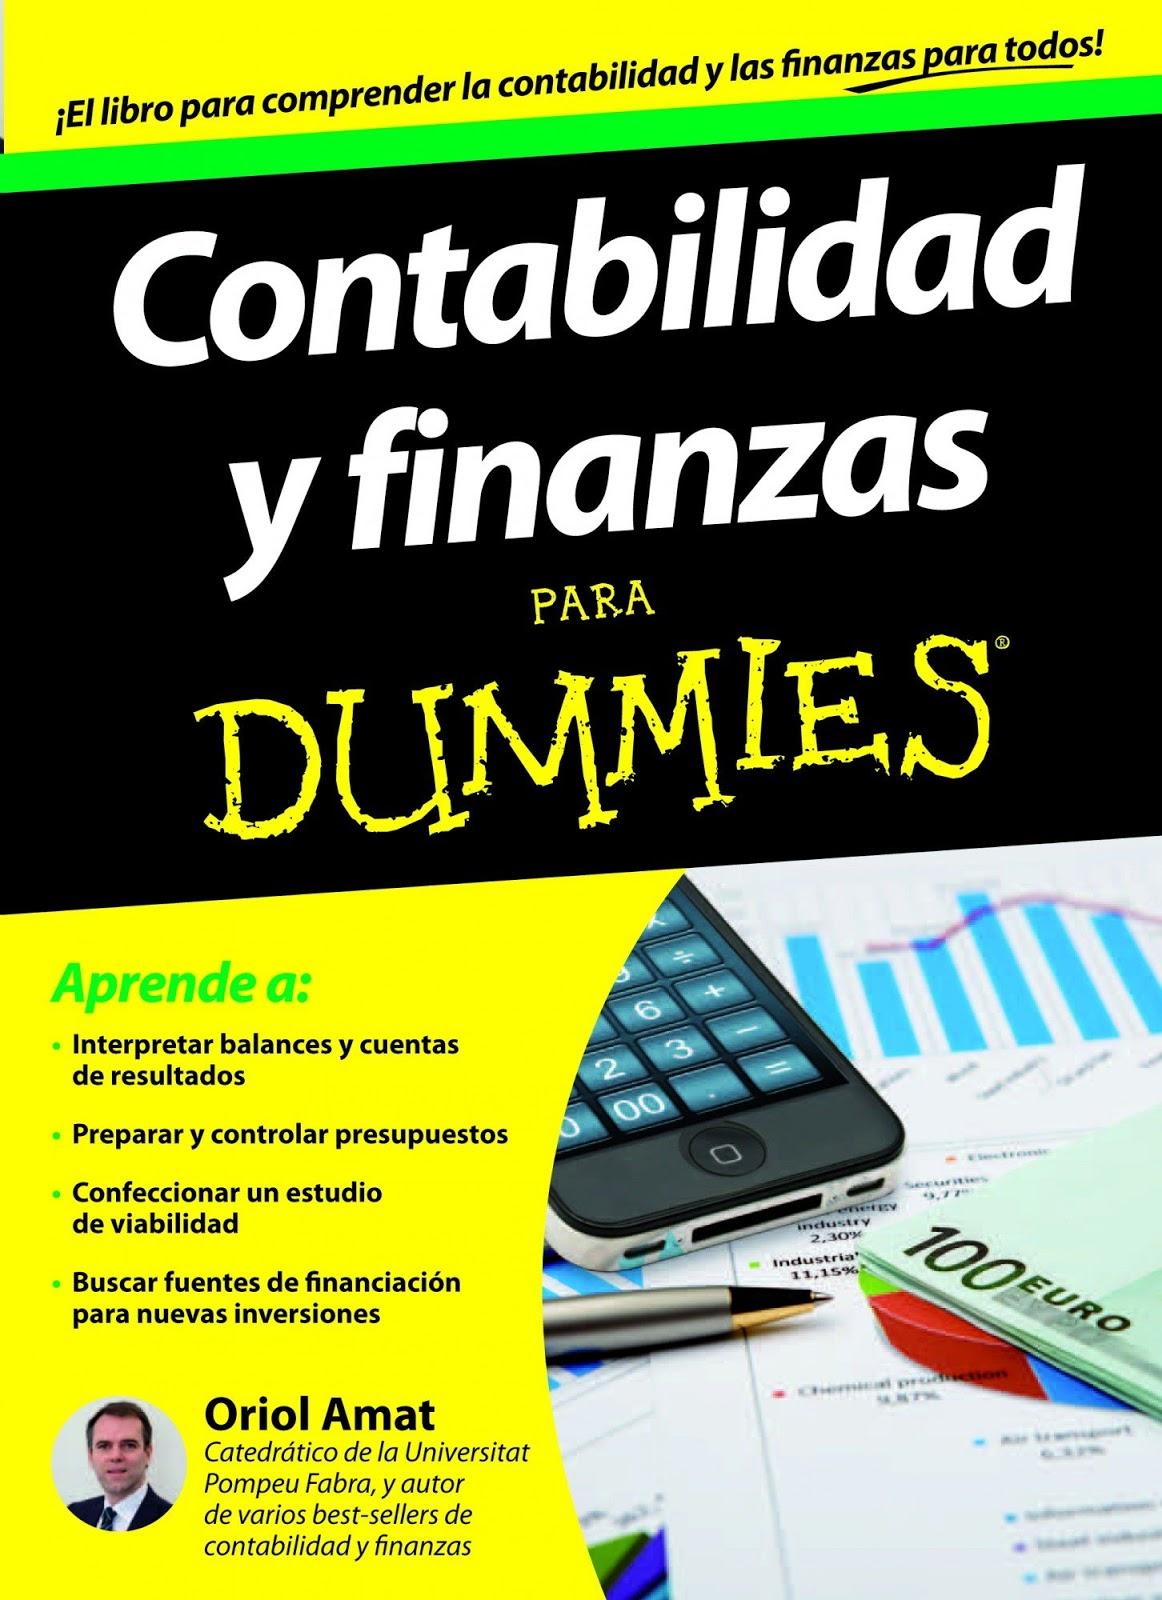 Soledad Numeros Primos Pdf Descargar Gratis Free Download